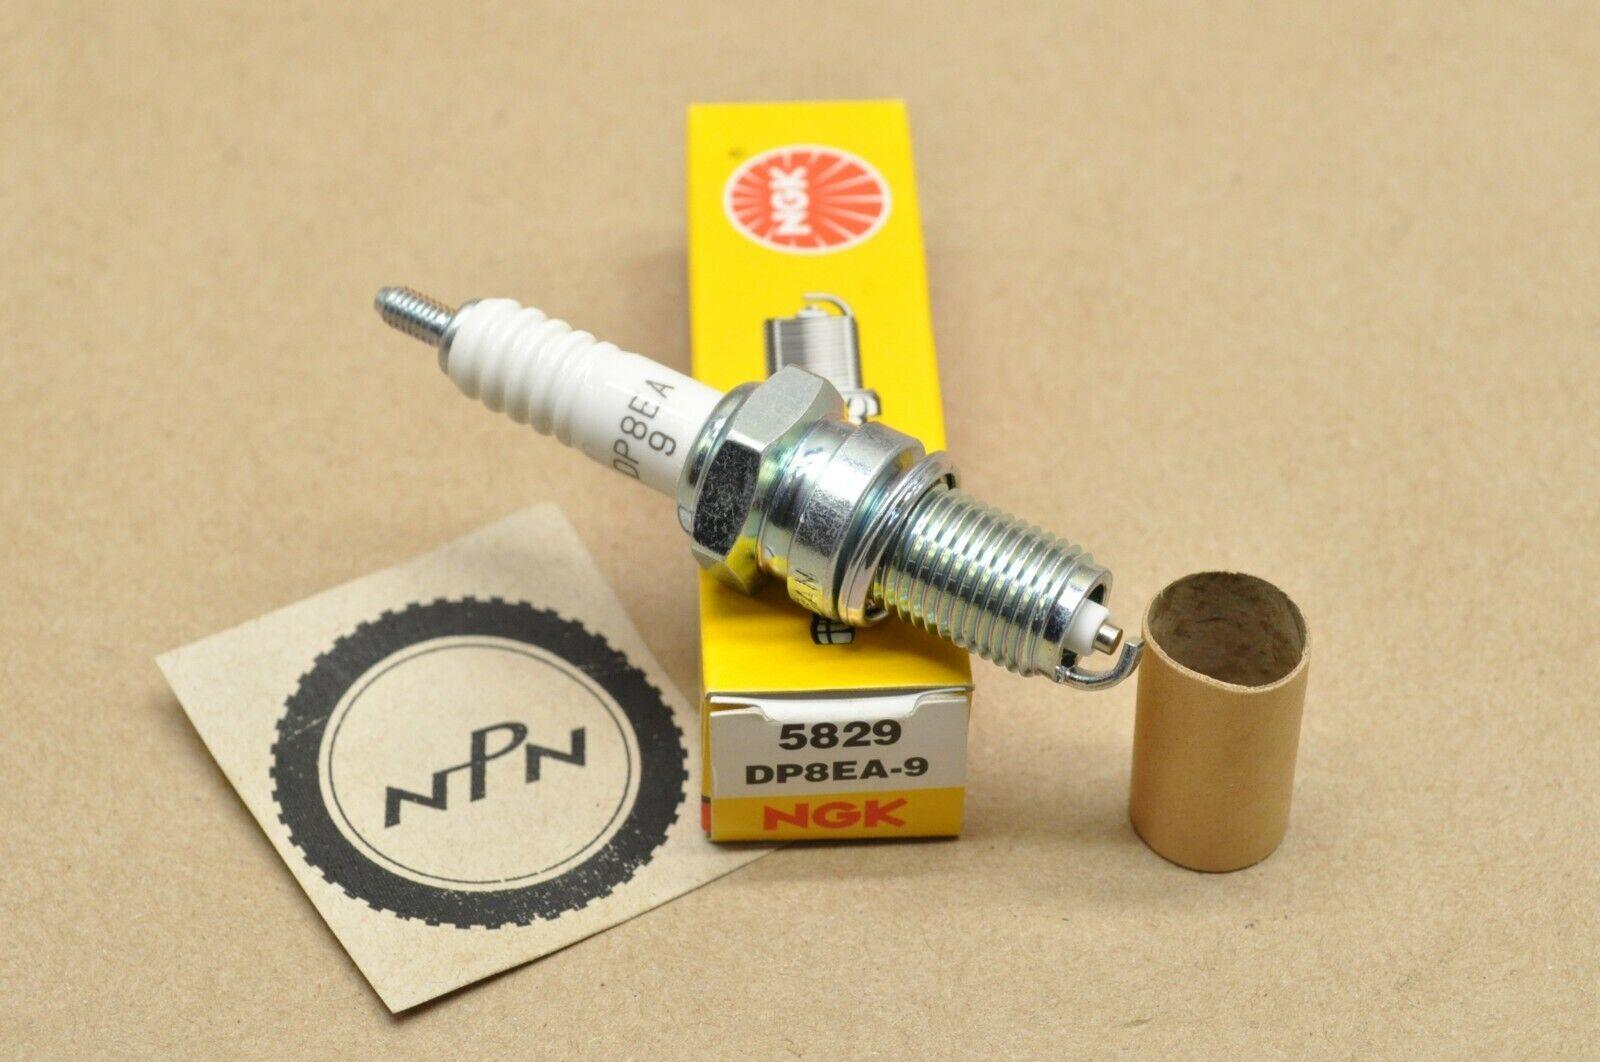 NGK NGK 5829 Spark Plugs DP8EA-9 Sold Each